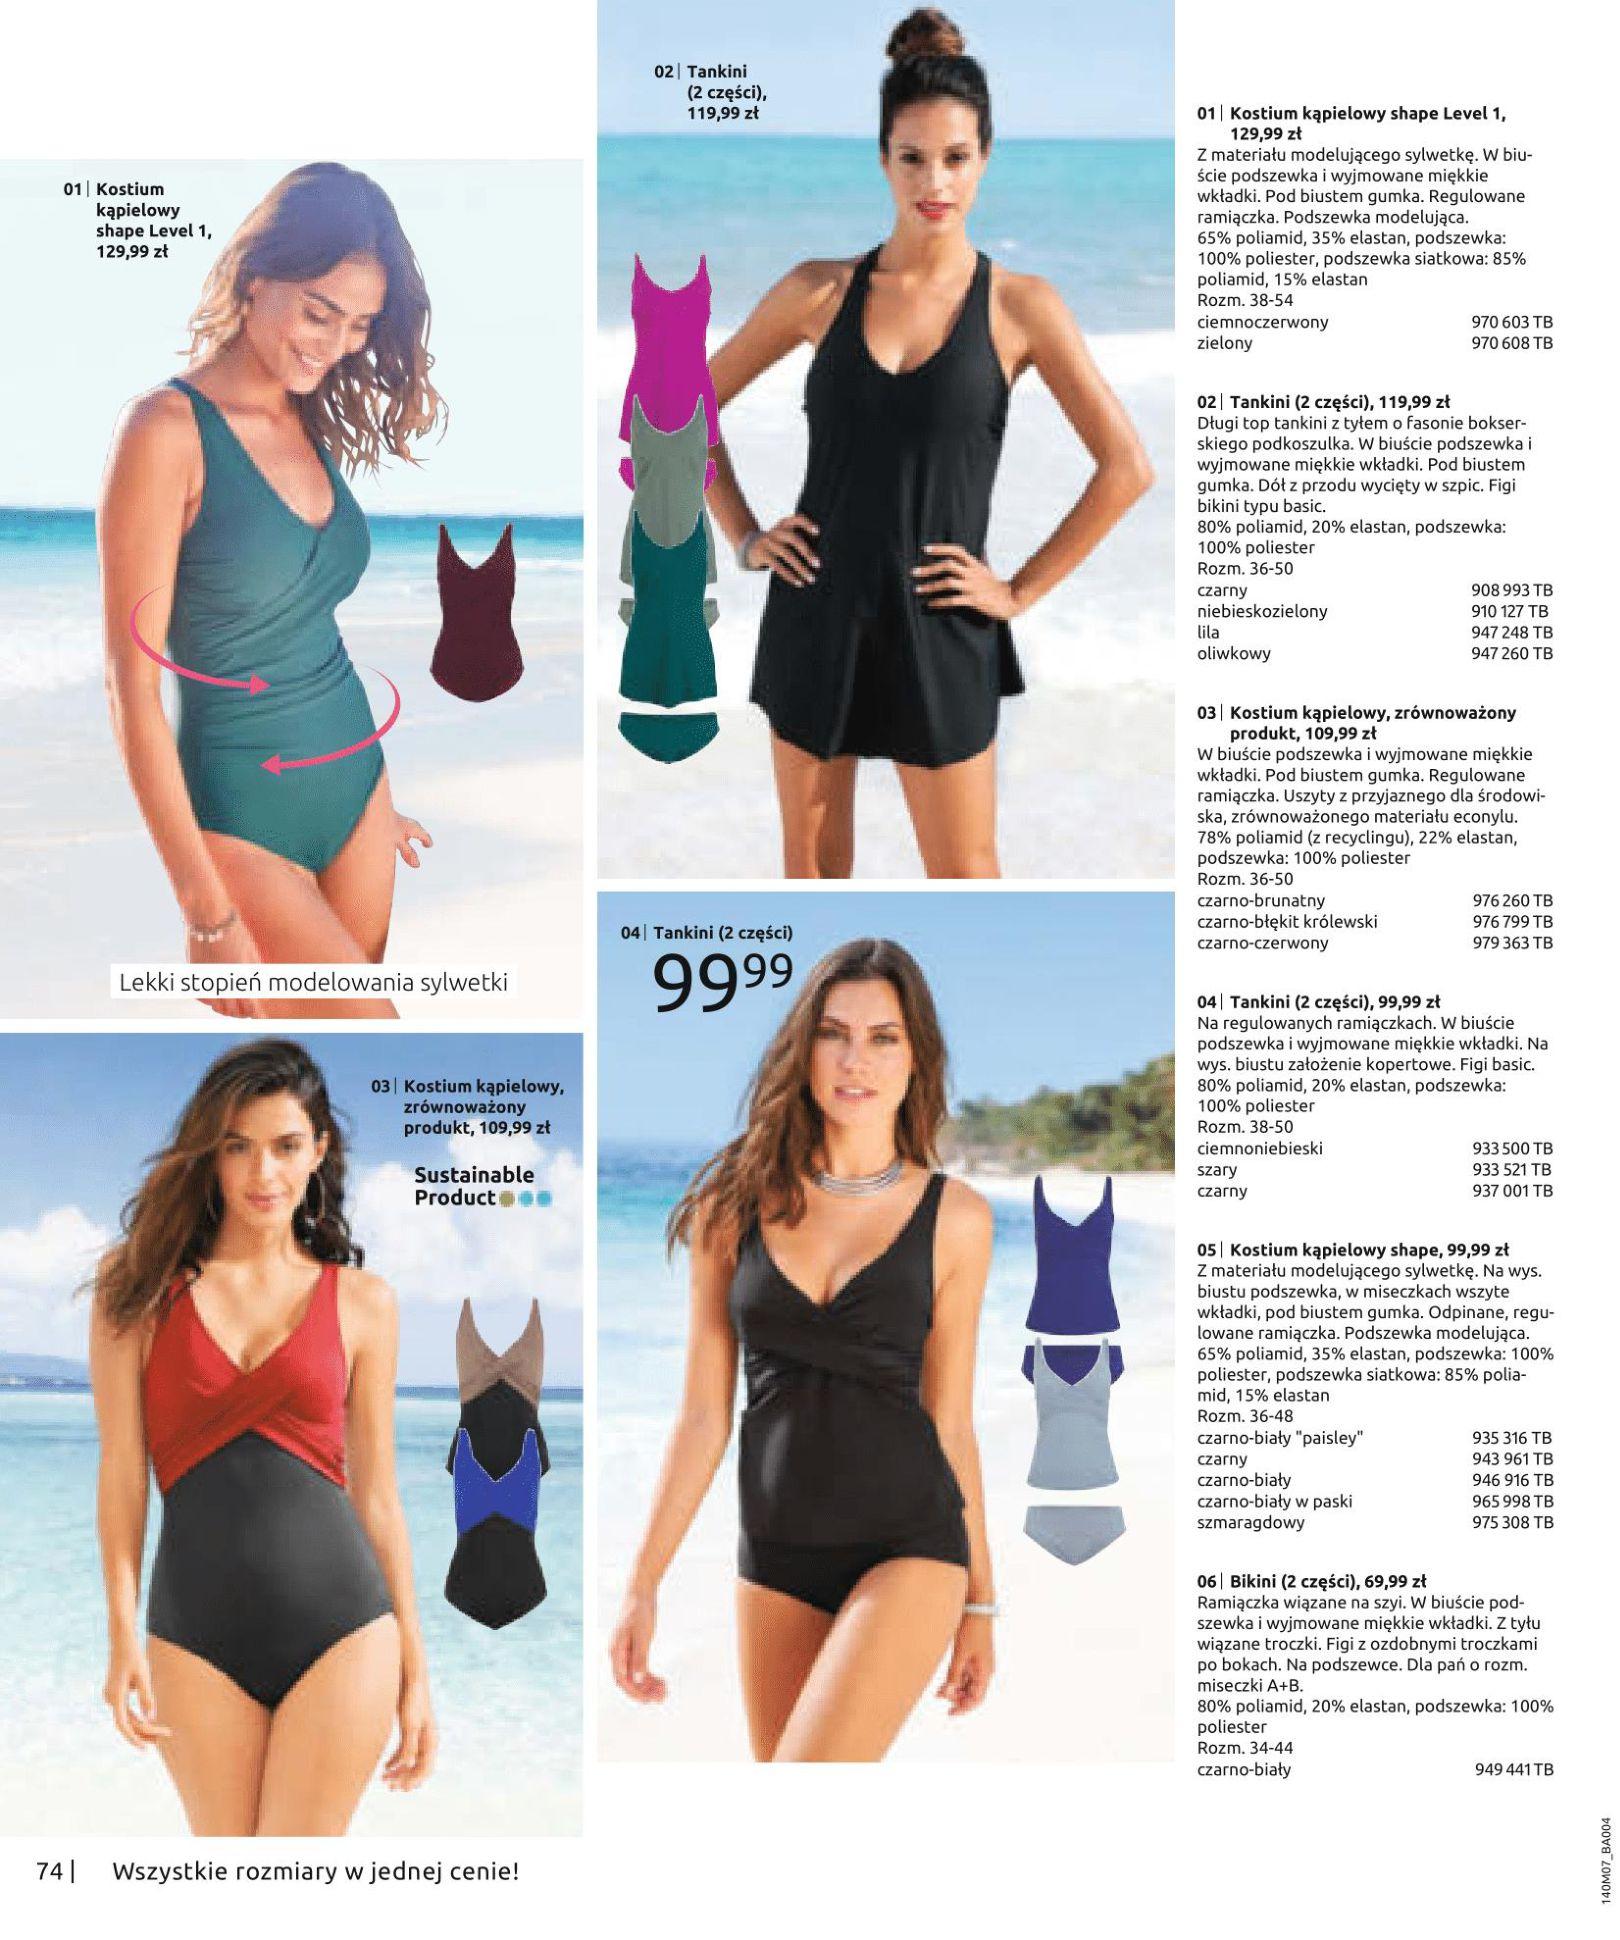 Gazetka Bonprix - Summer Update-02.07.2019-01.01.2020-page-76